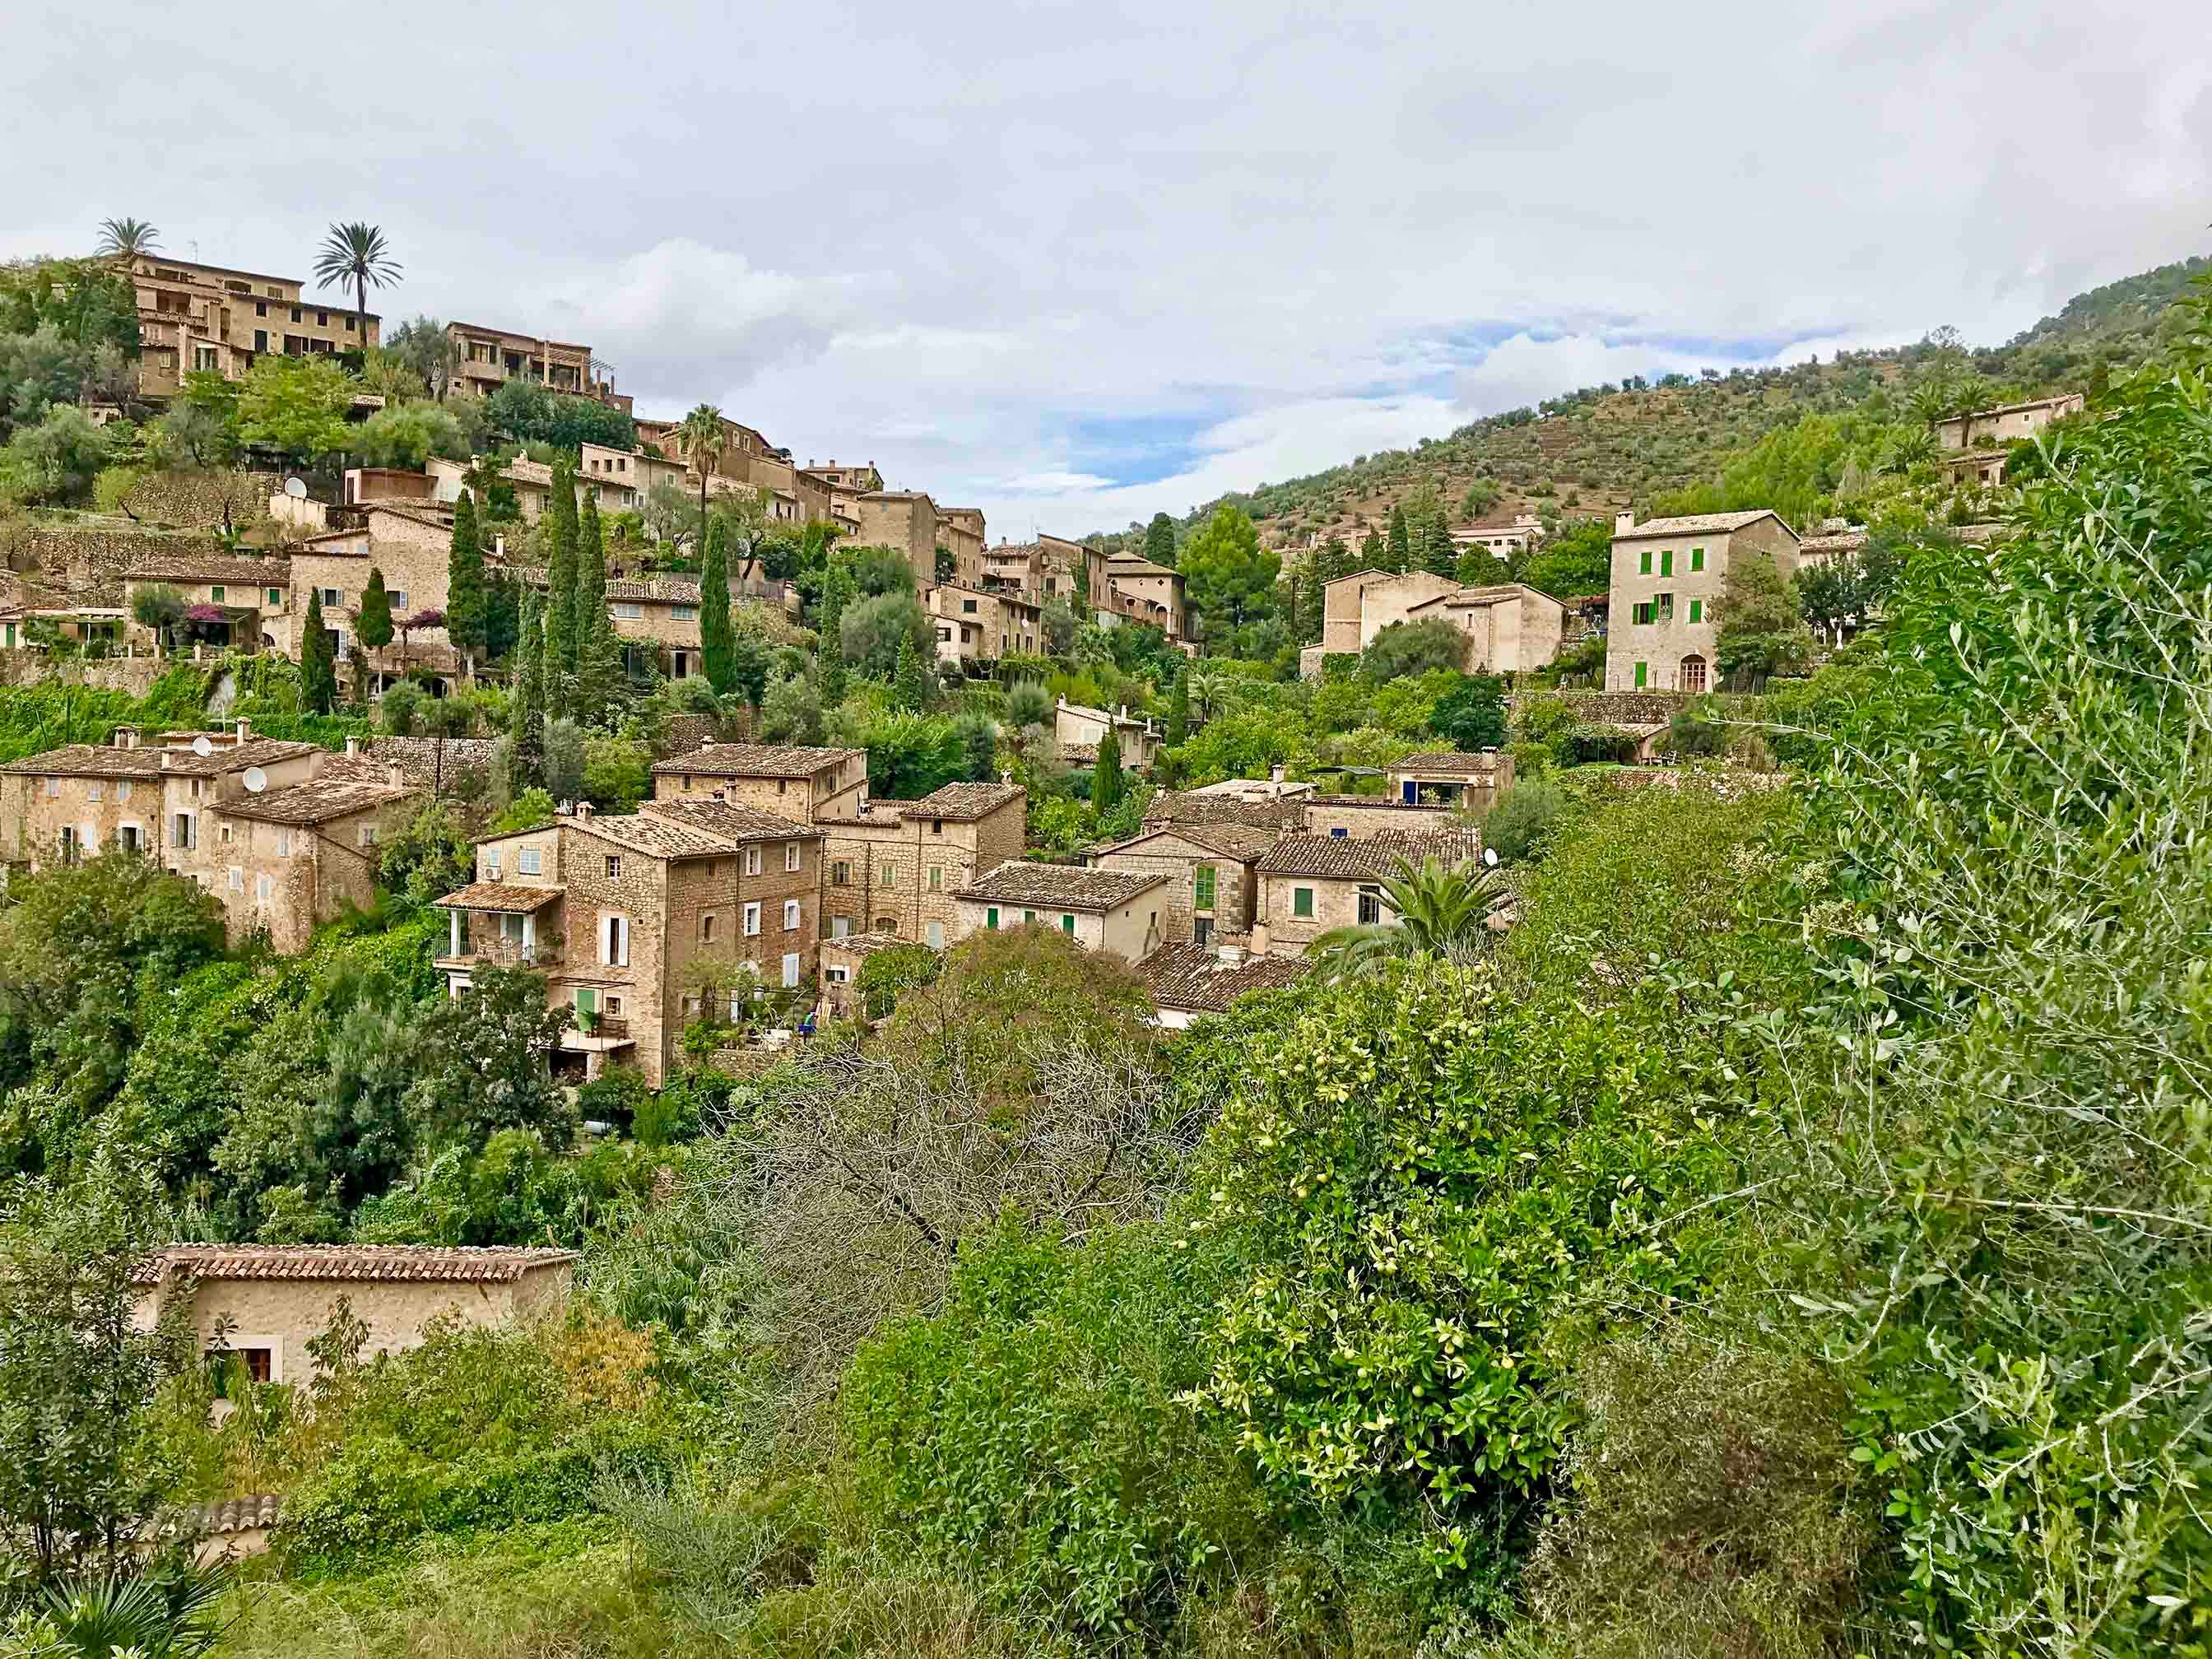 Deia Mallorcan Village in the green mountains